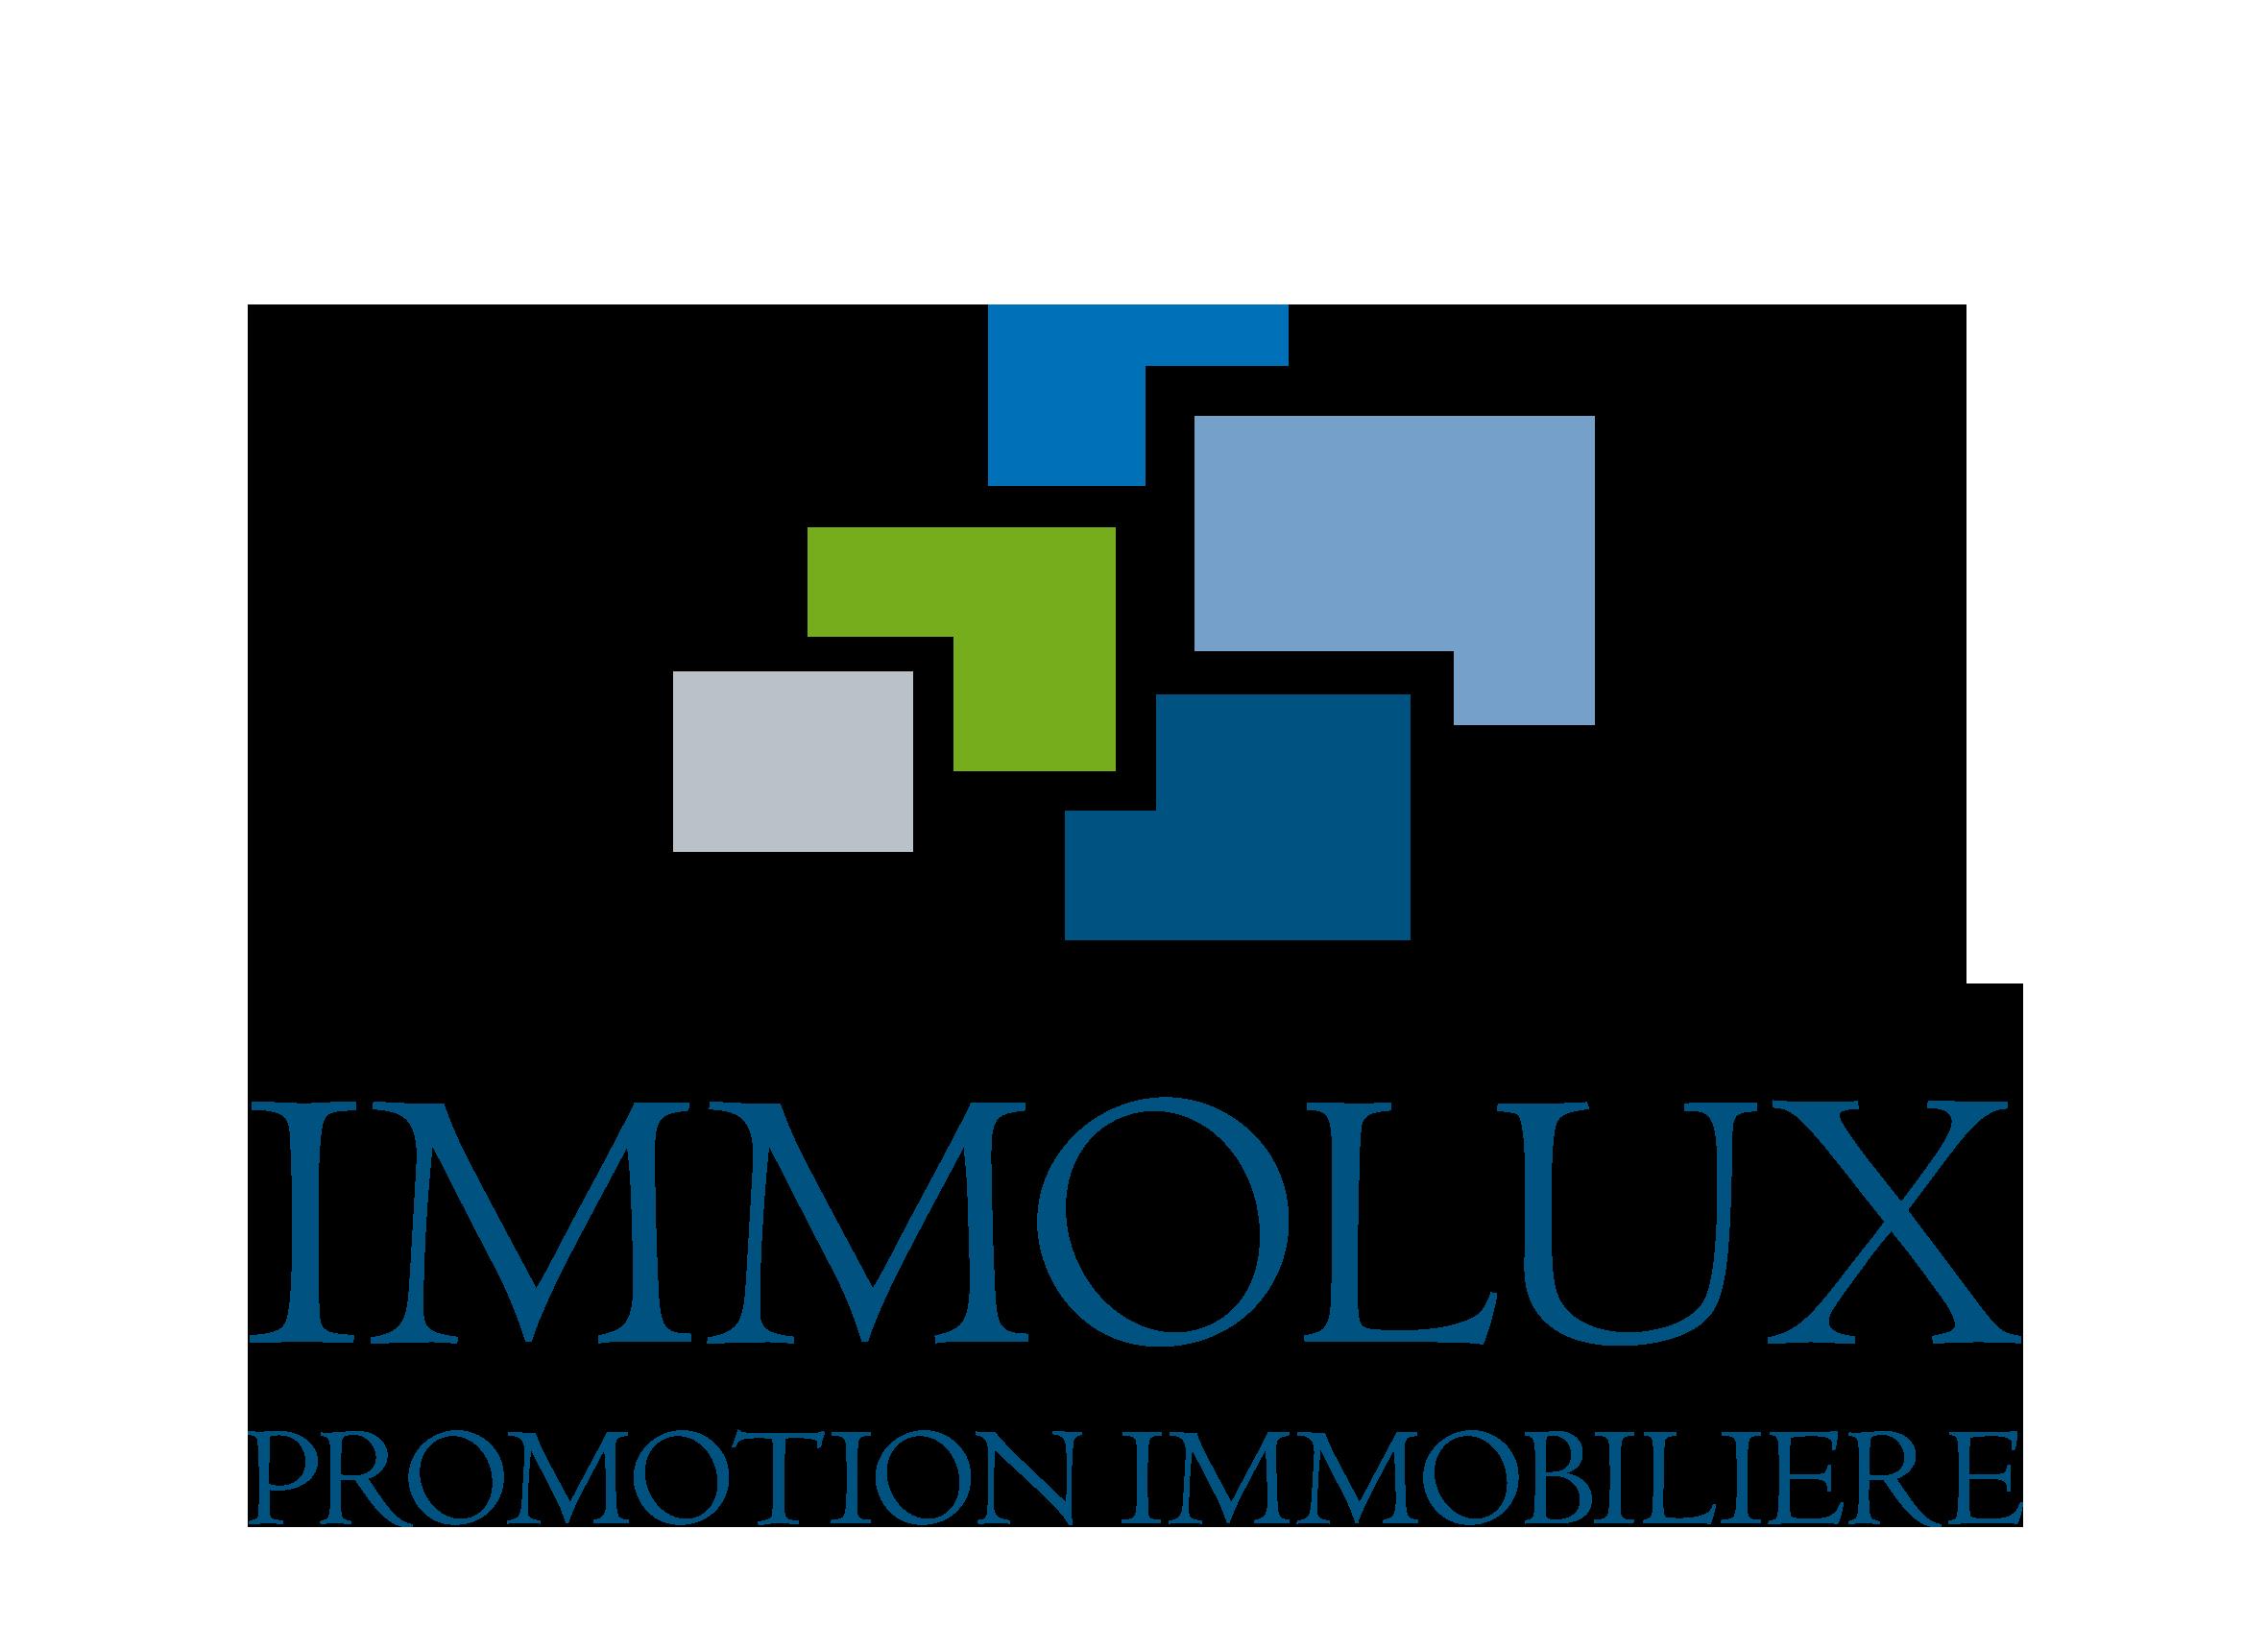 Immolux - Promotion immobilière